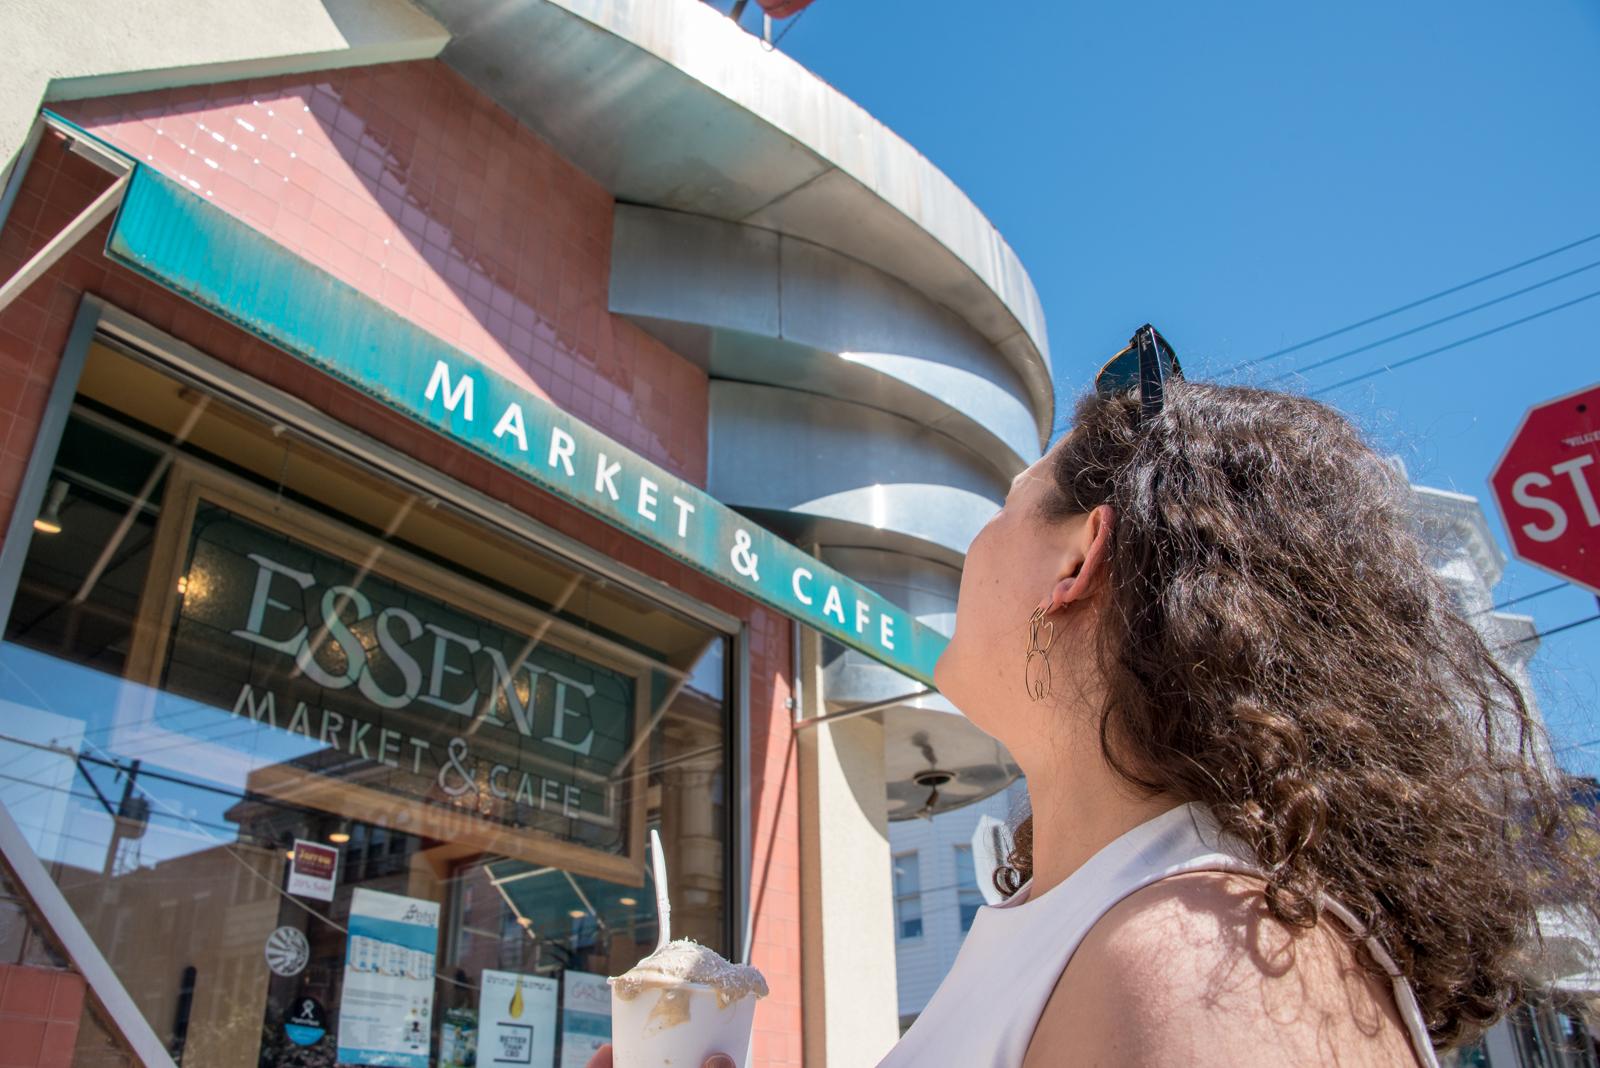 Jenny's Pick: Essene Market